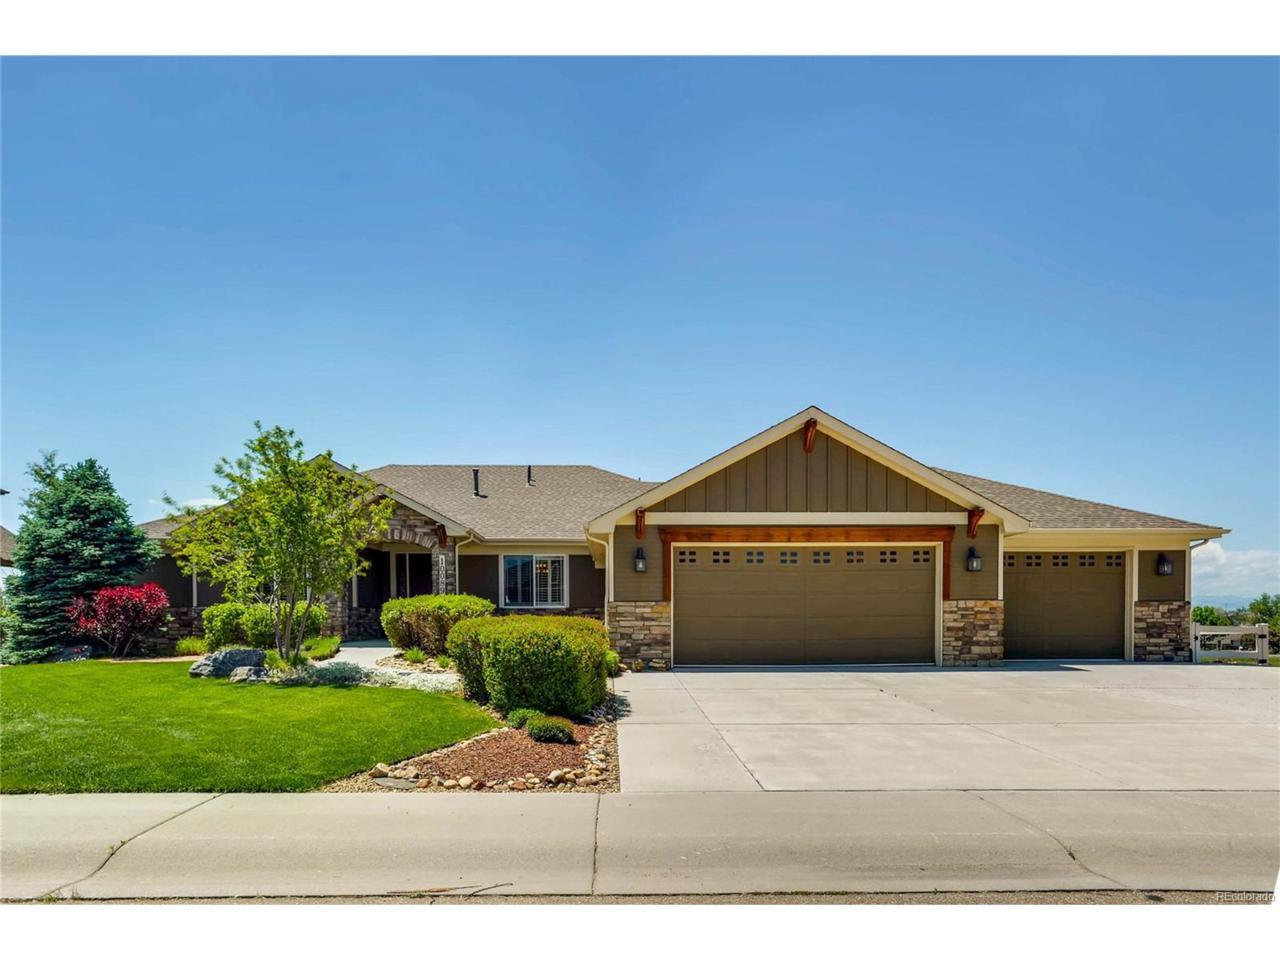 10089 Deerfield Street, Firestone, CO 80504 (MLS #5313046) :: 8z Real Estate